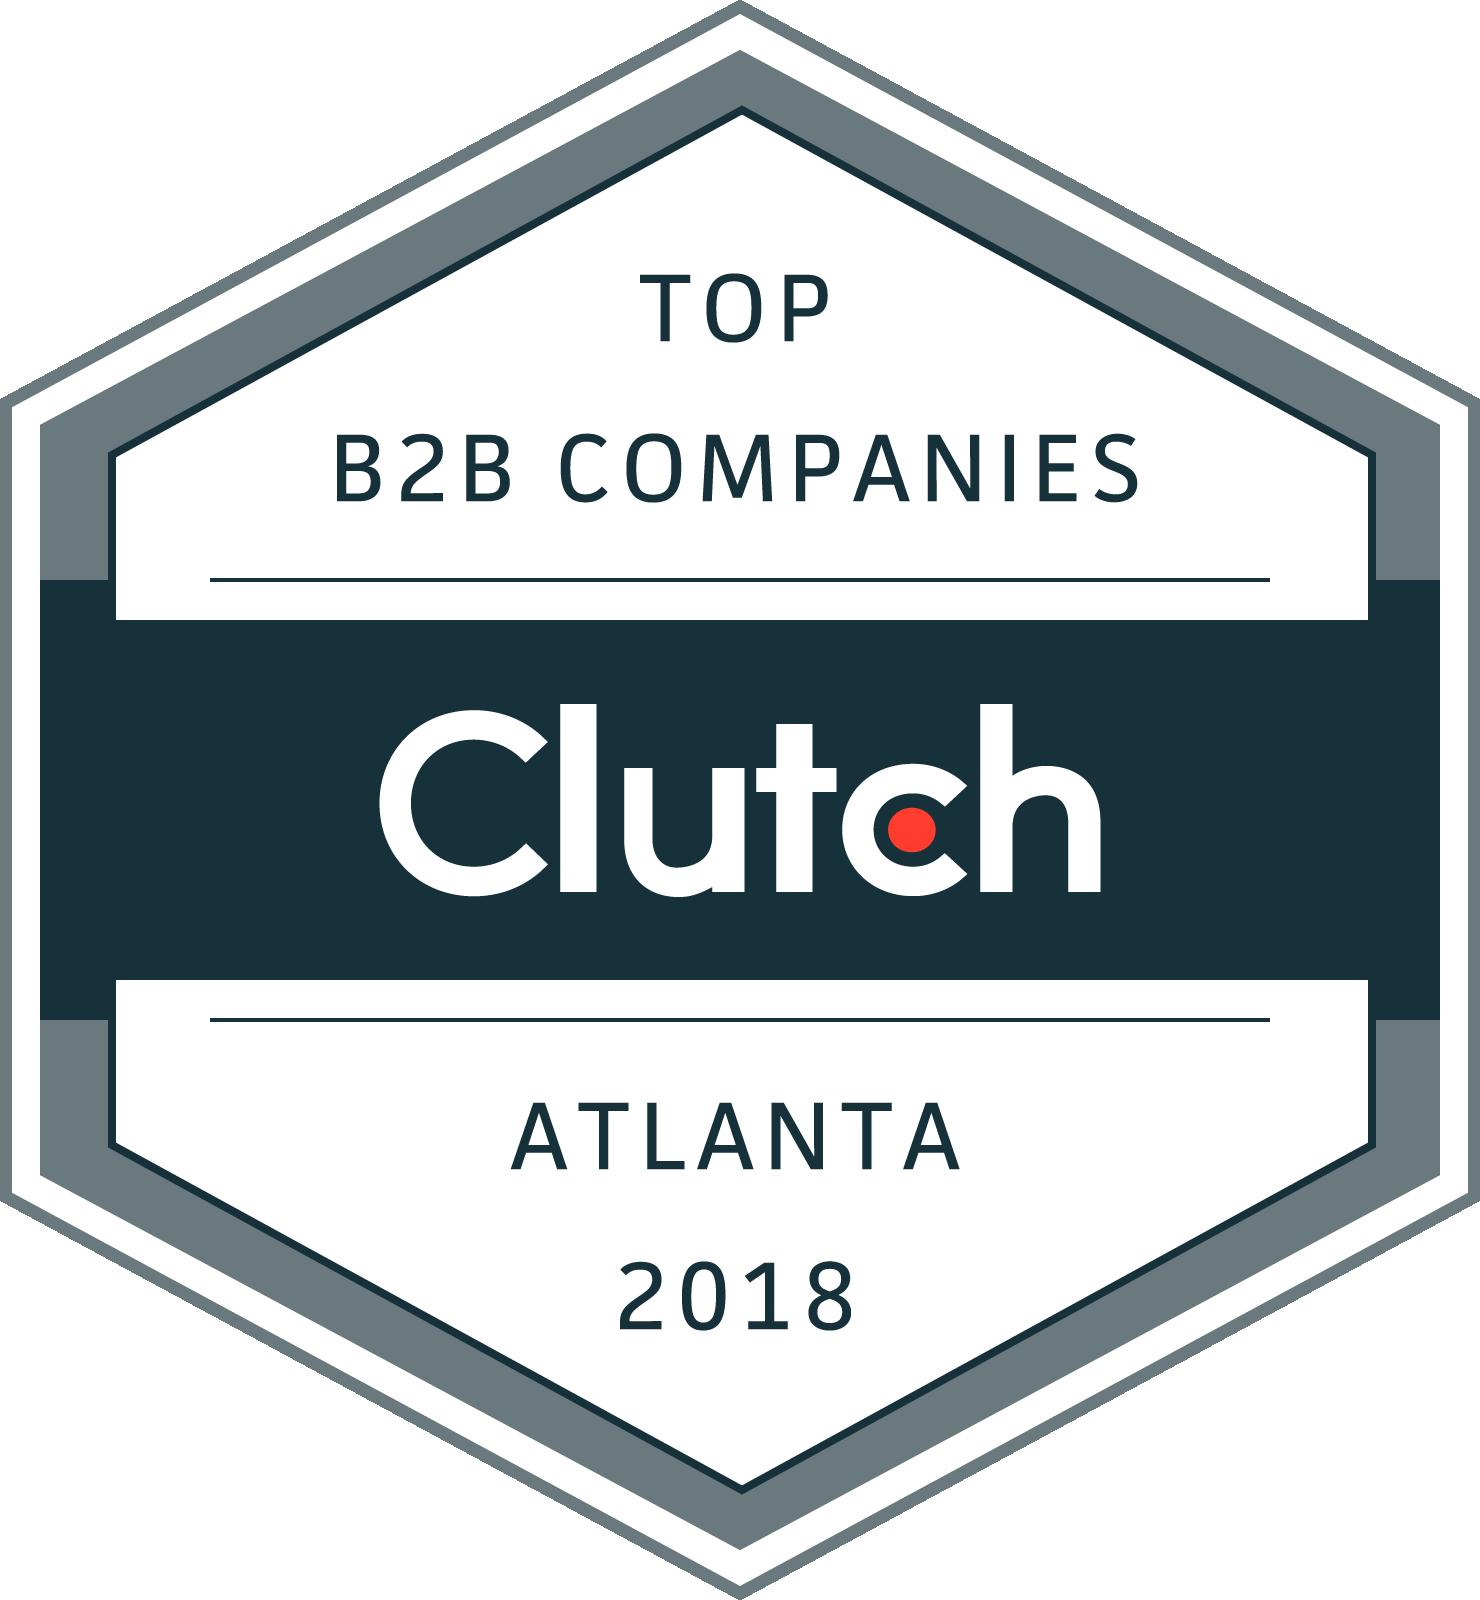 Top B2B Companies_Atlanta_2018.png